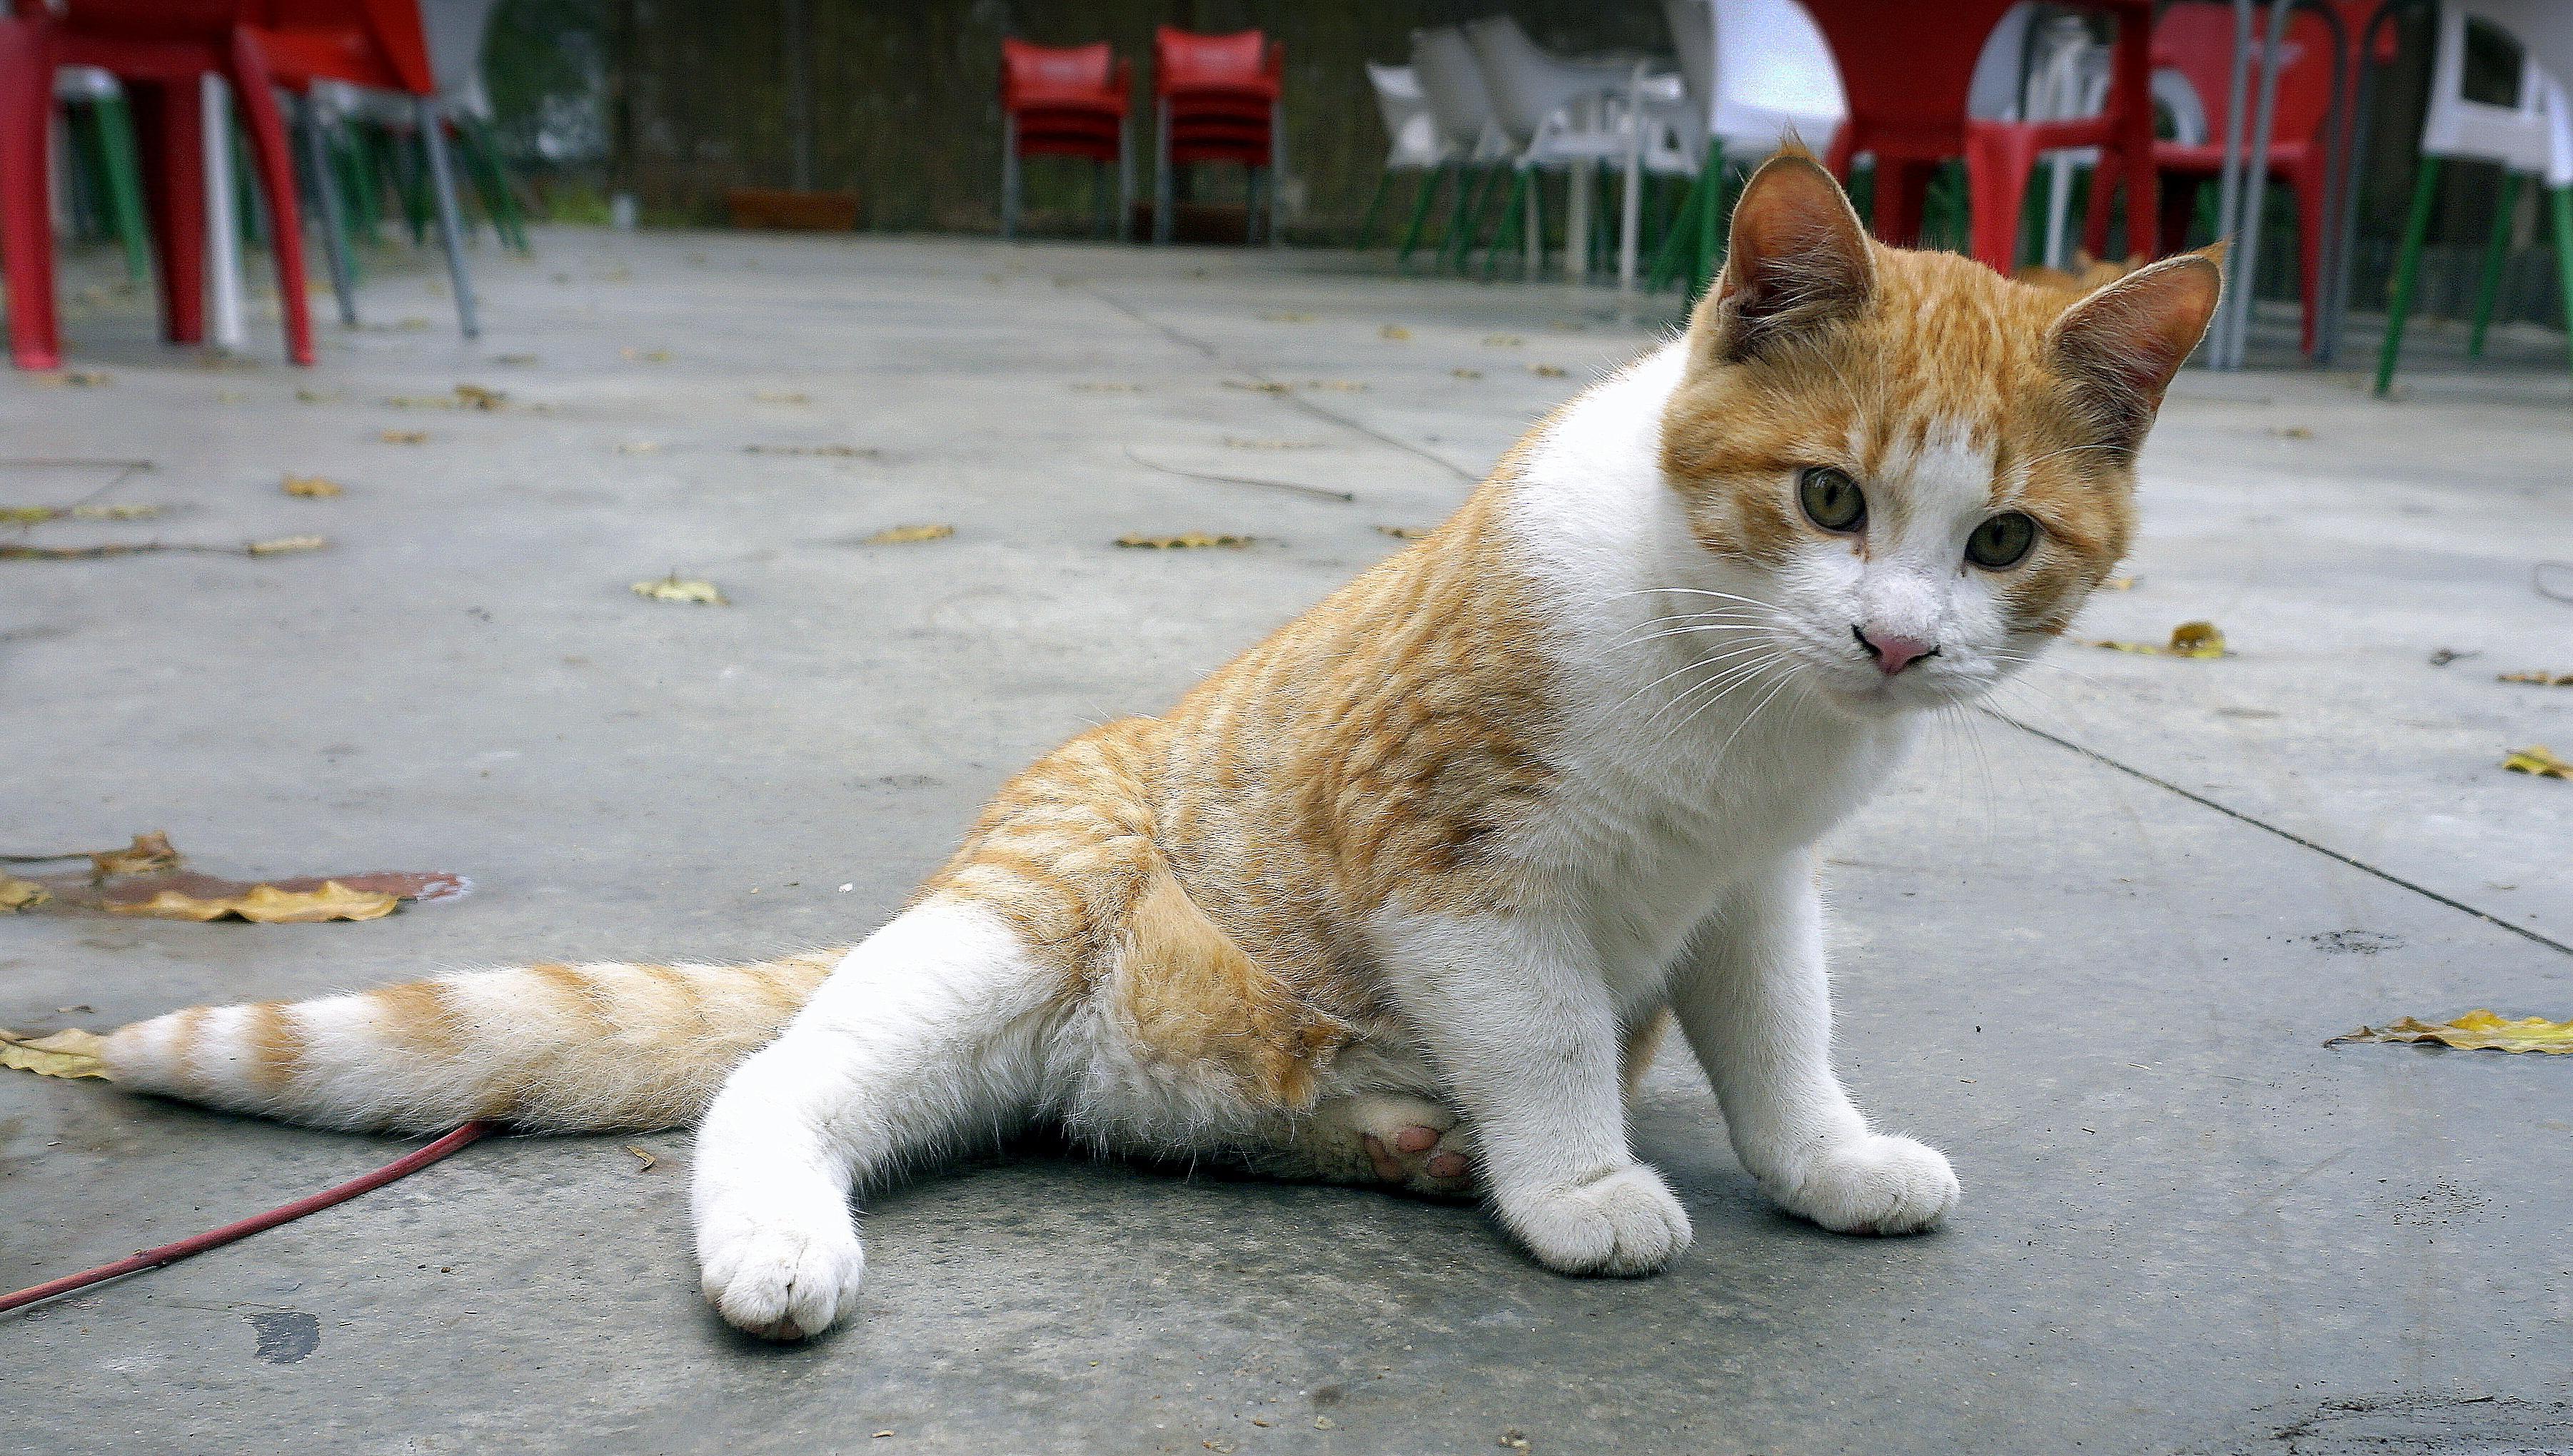 560+ Gambar Hewan Lucu Kucing Gratis Terbaru